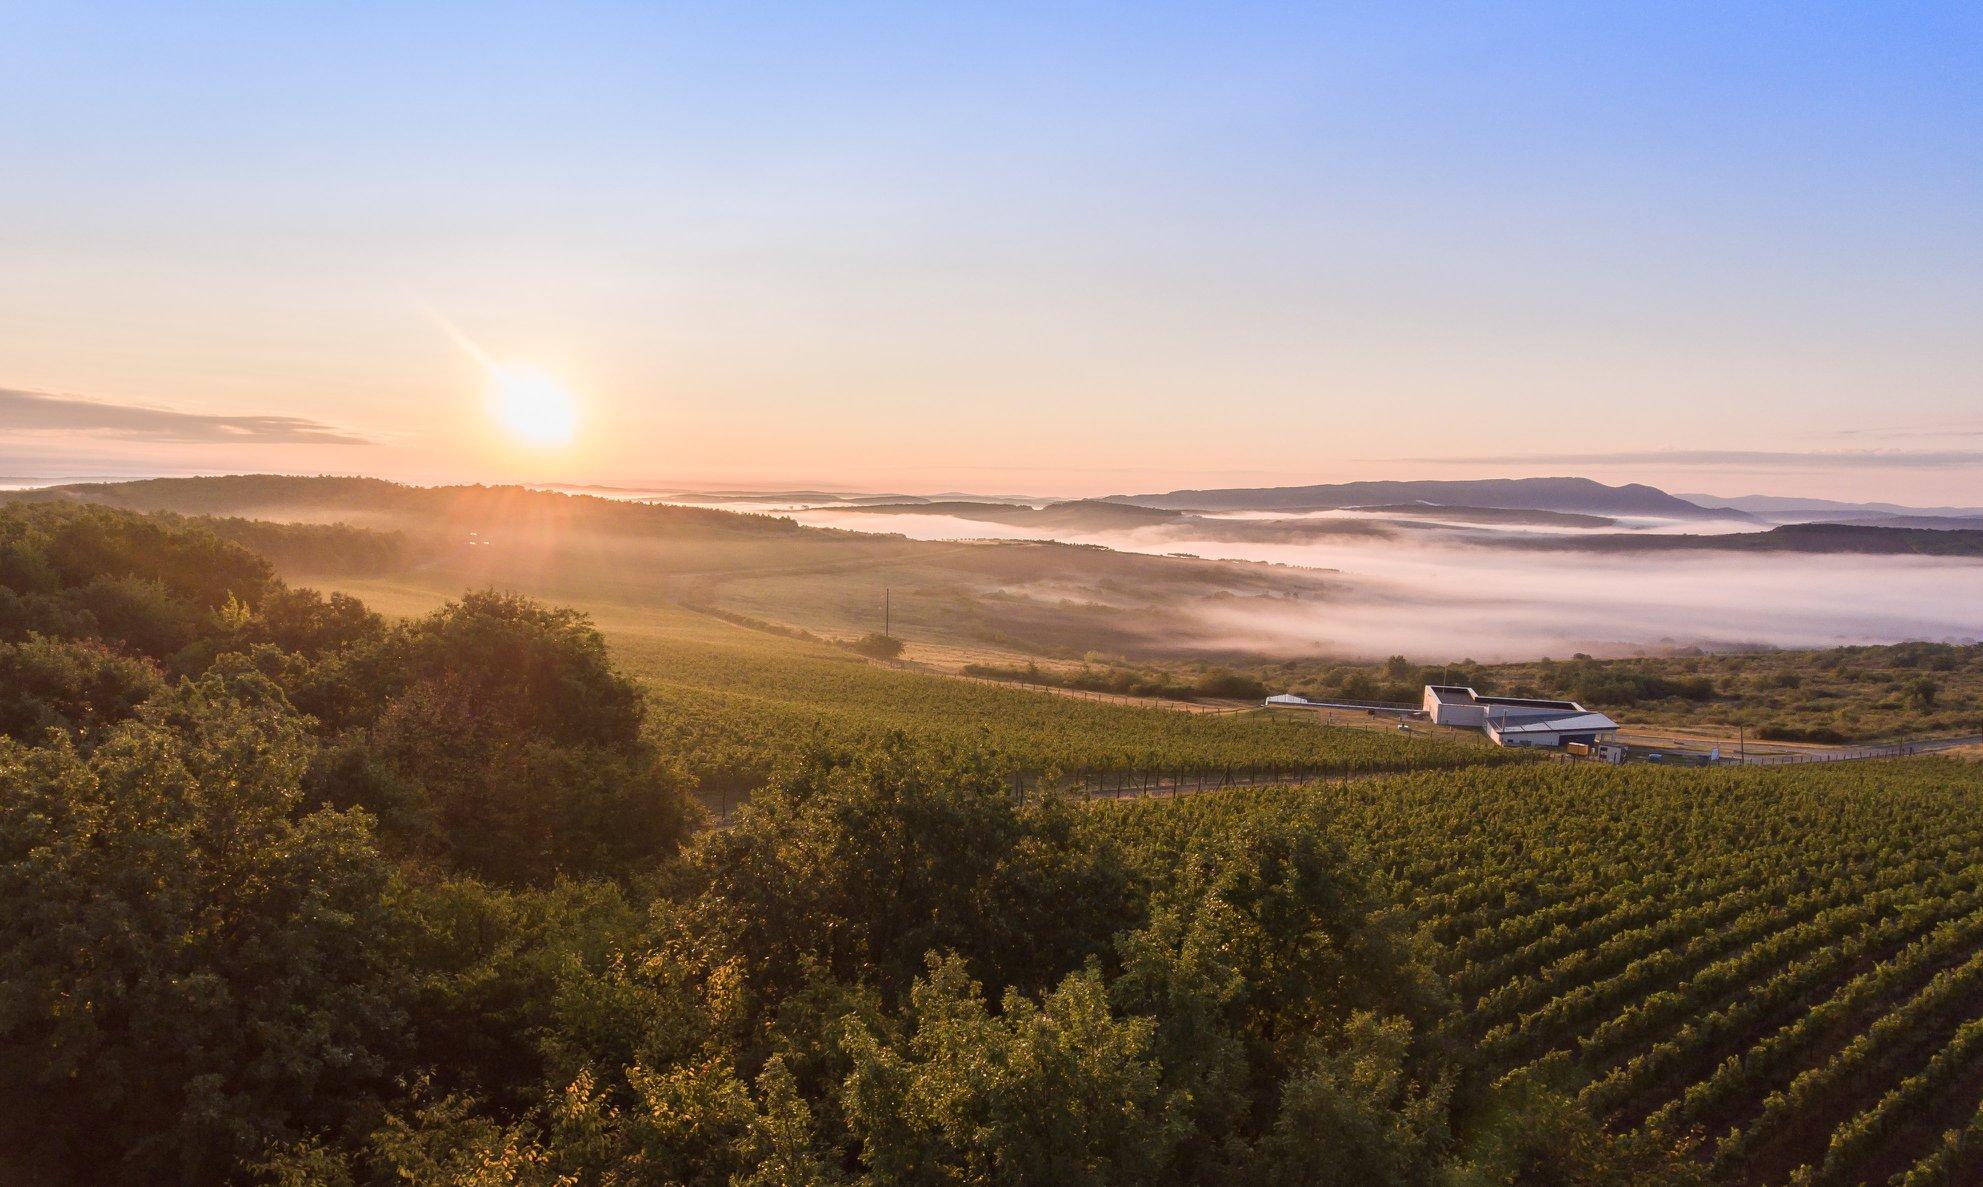 Crama Carastelec: drumul spre excelență și curajul de a produce vinuri efervescente în România. Interviu cu Ilonczai Balázs